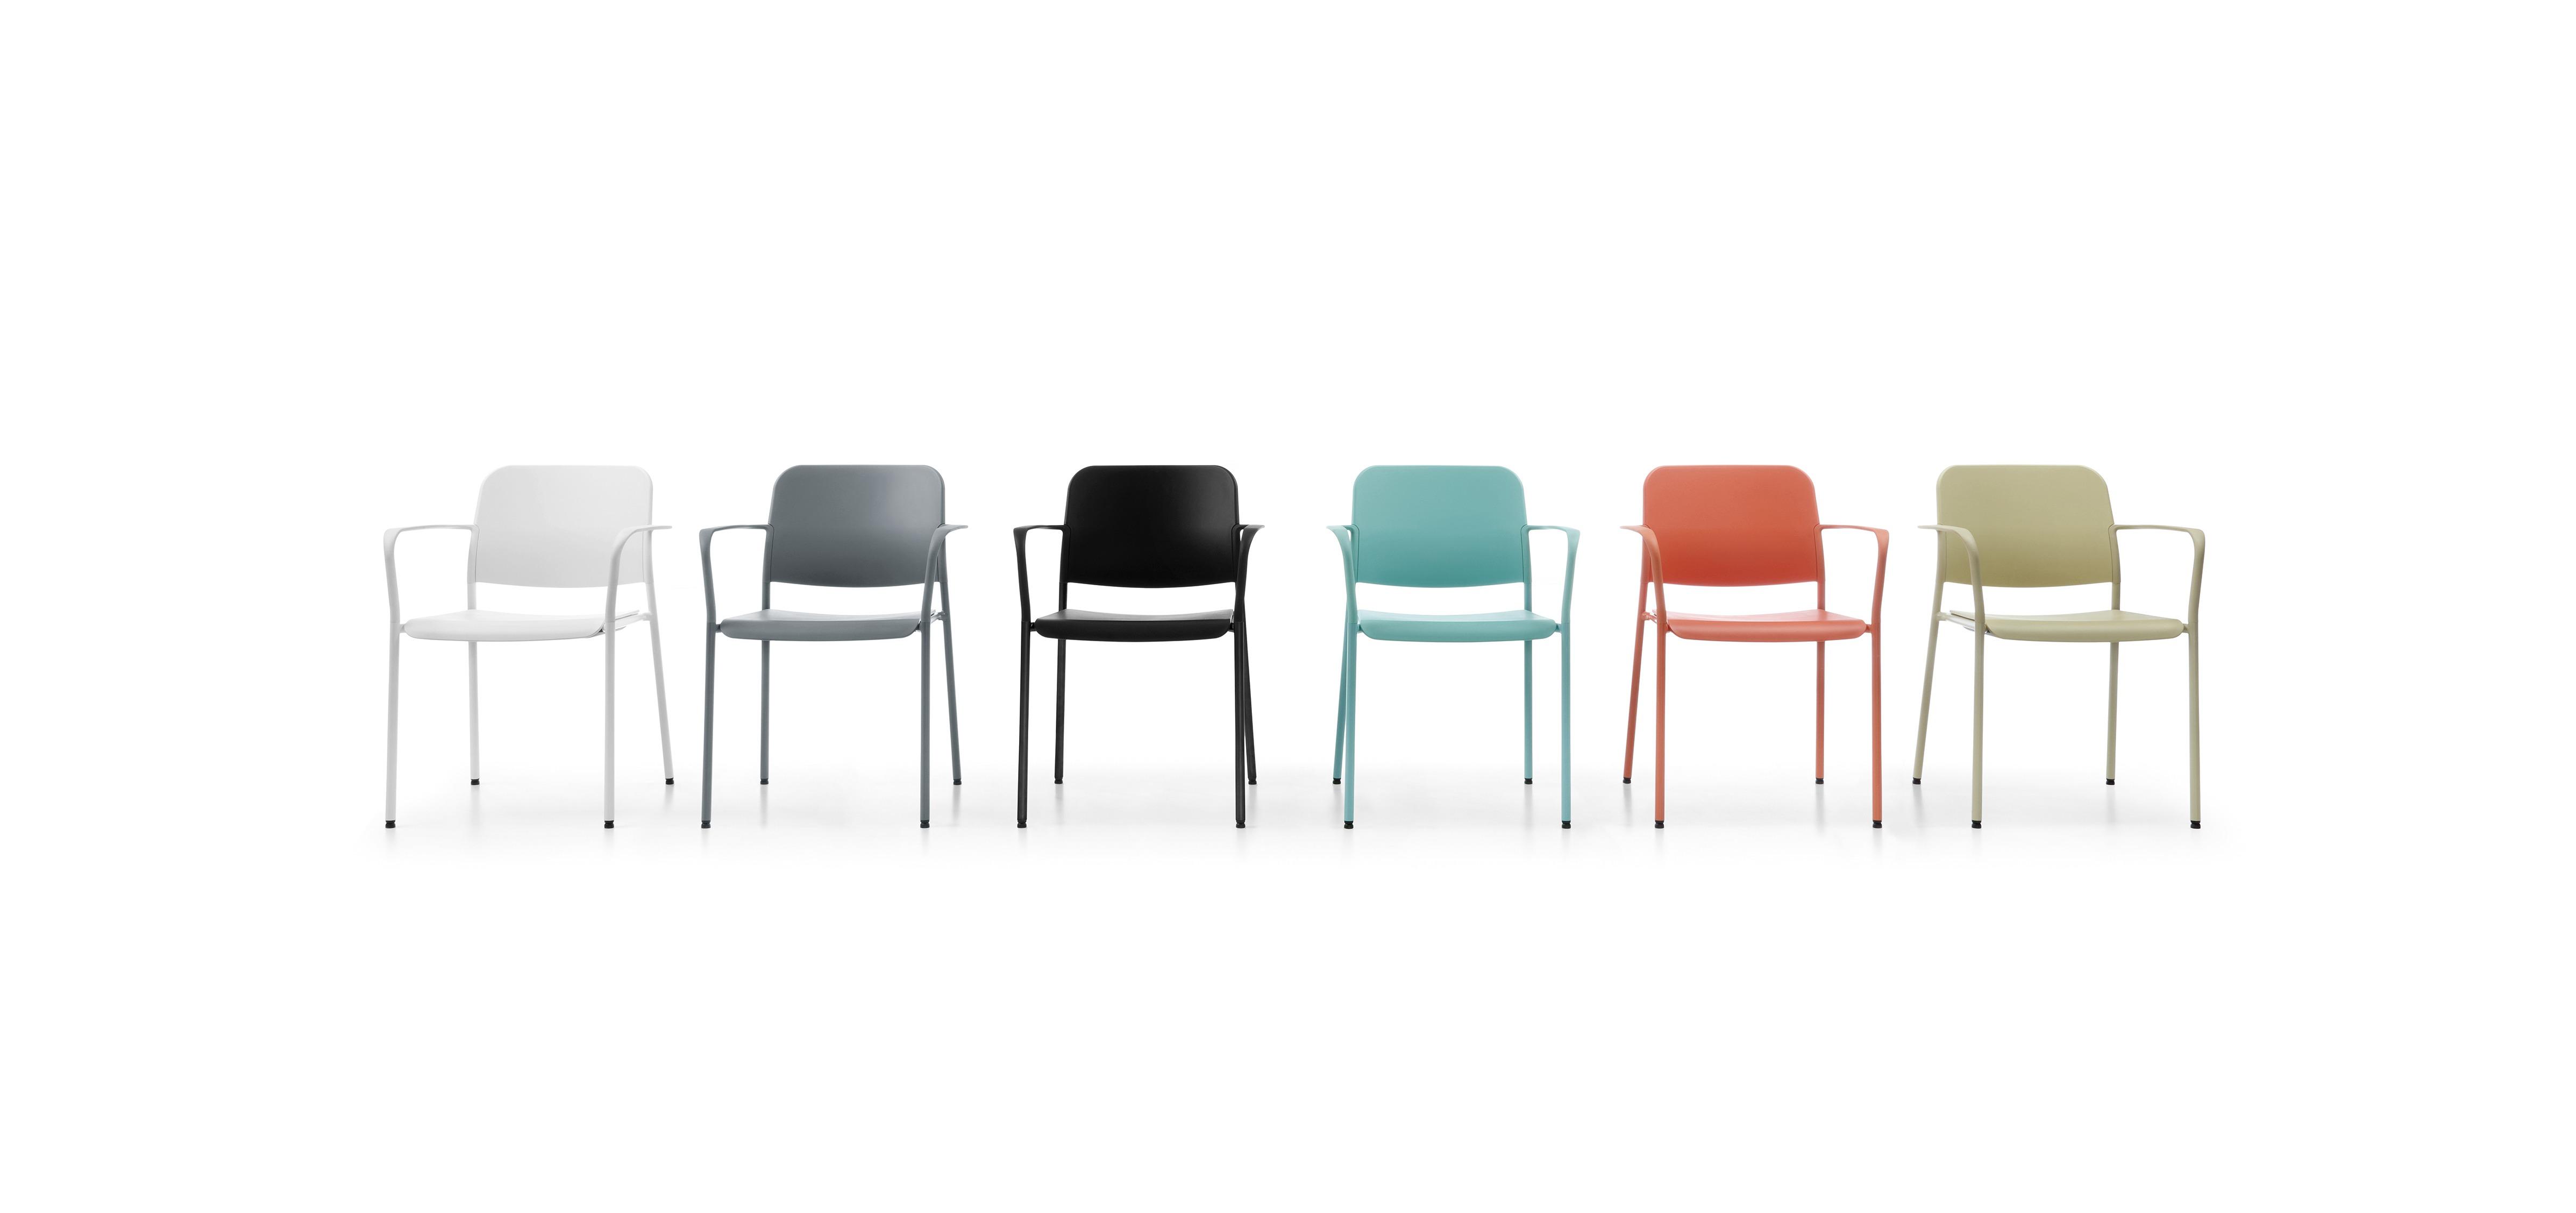 21c1cbf0f679e Kancelárske stoličky - INVENT dizjan